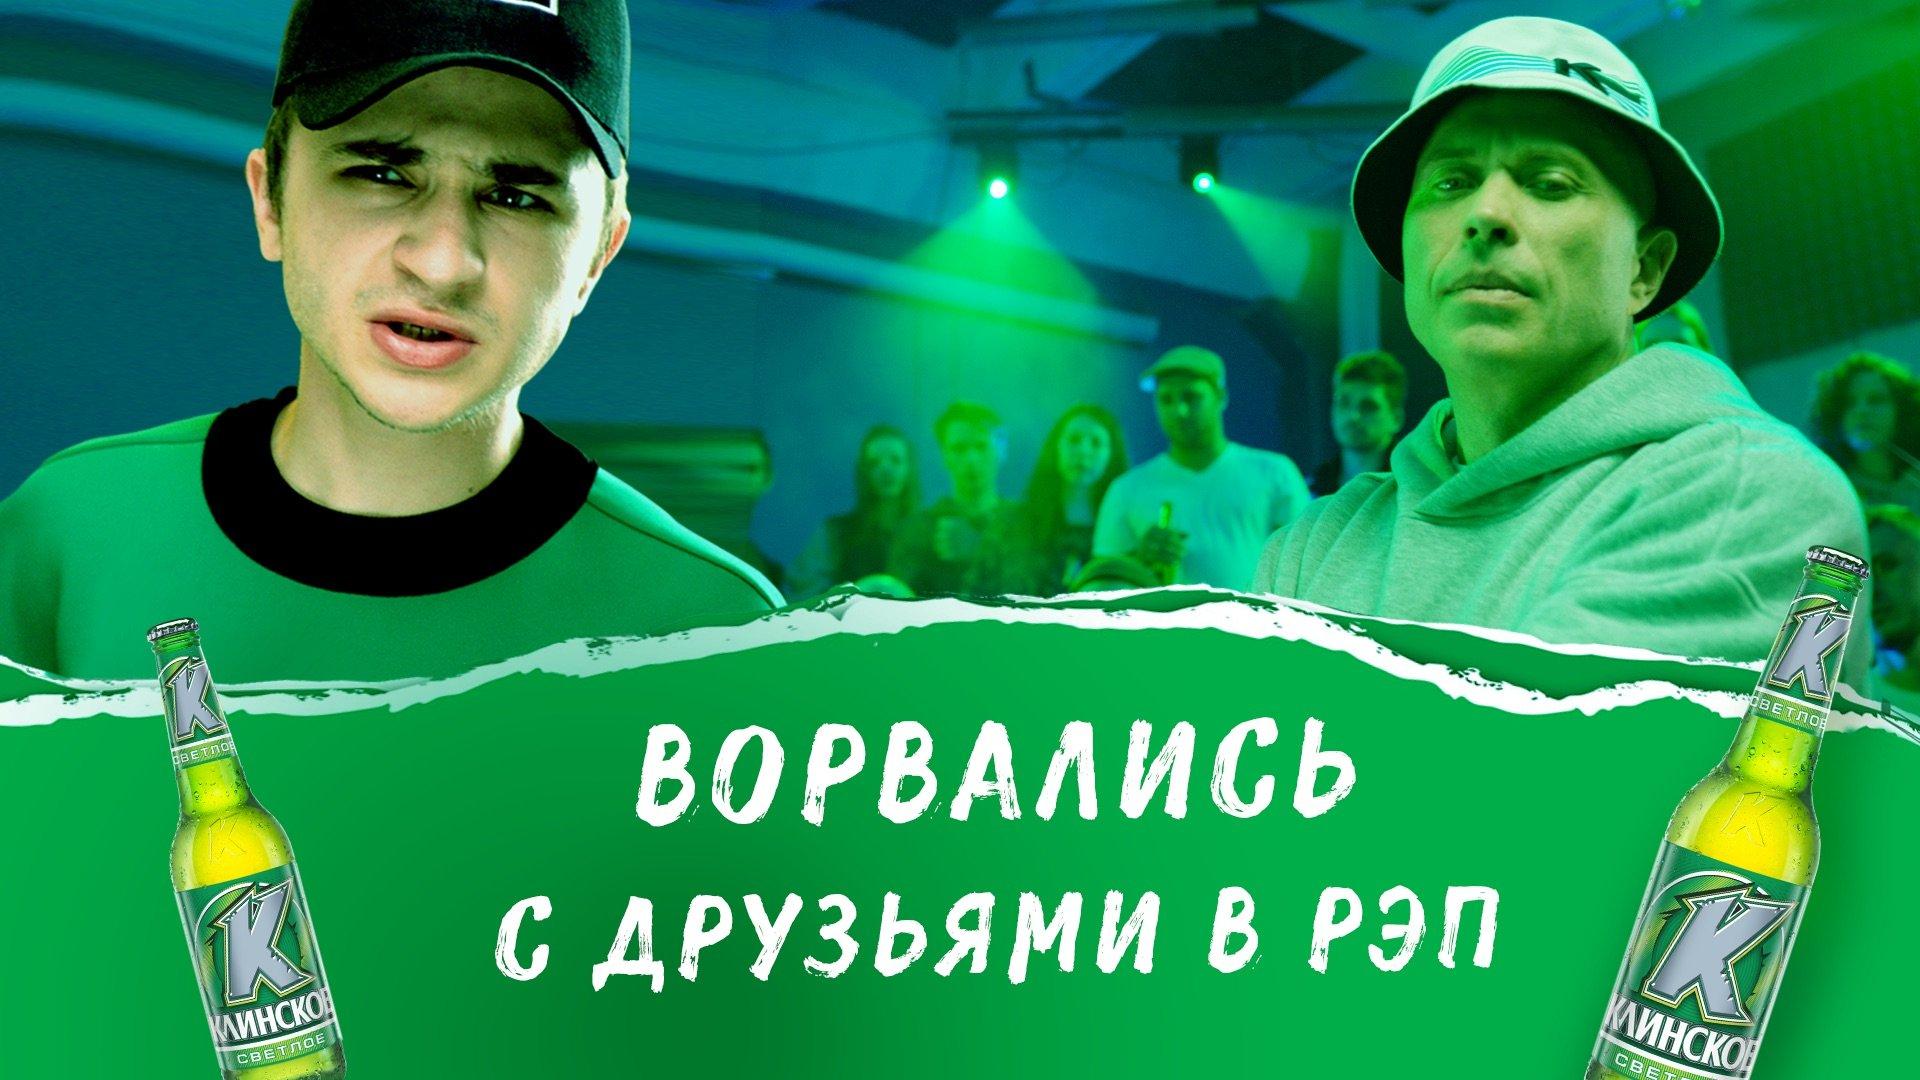 Серия брендированных клипов для «Клинского»